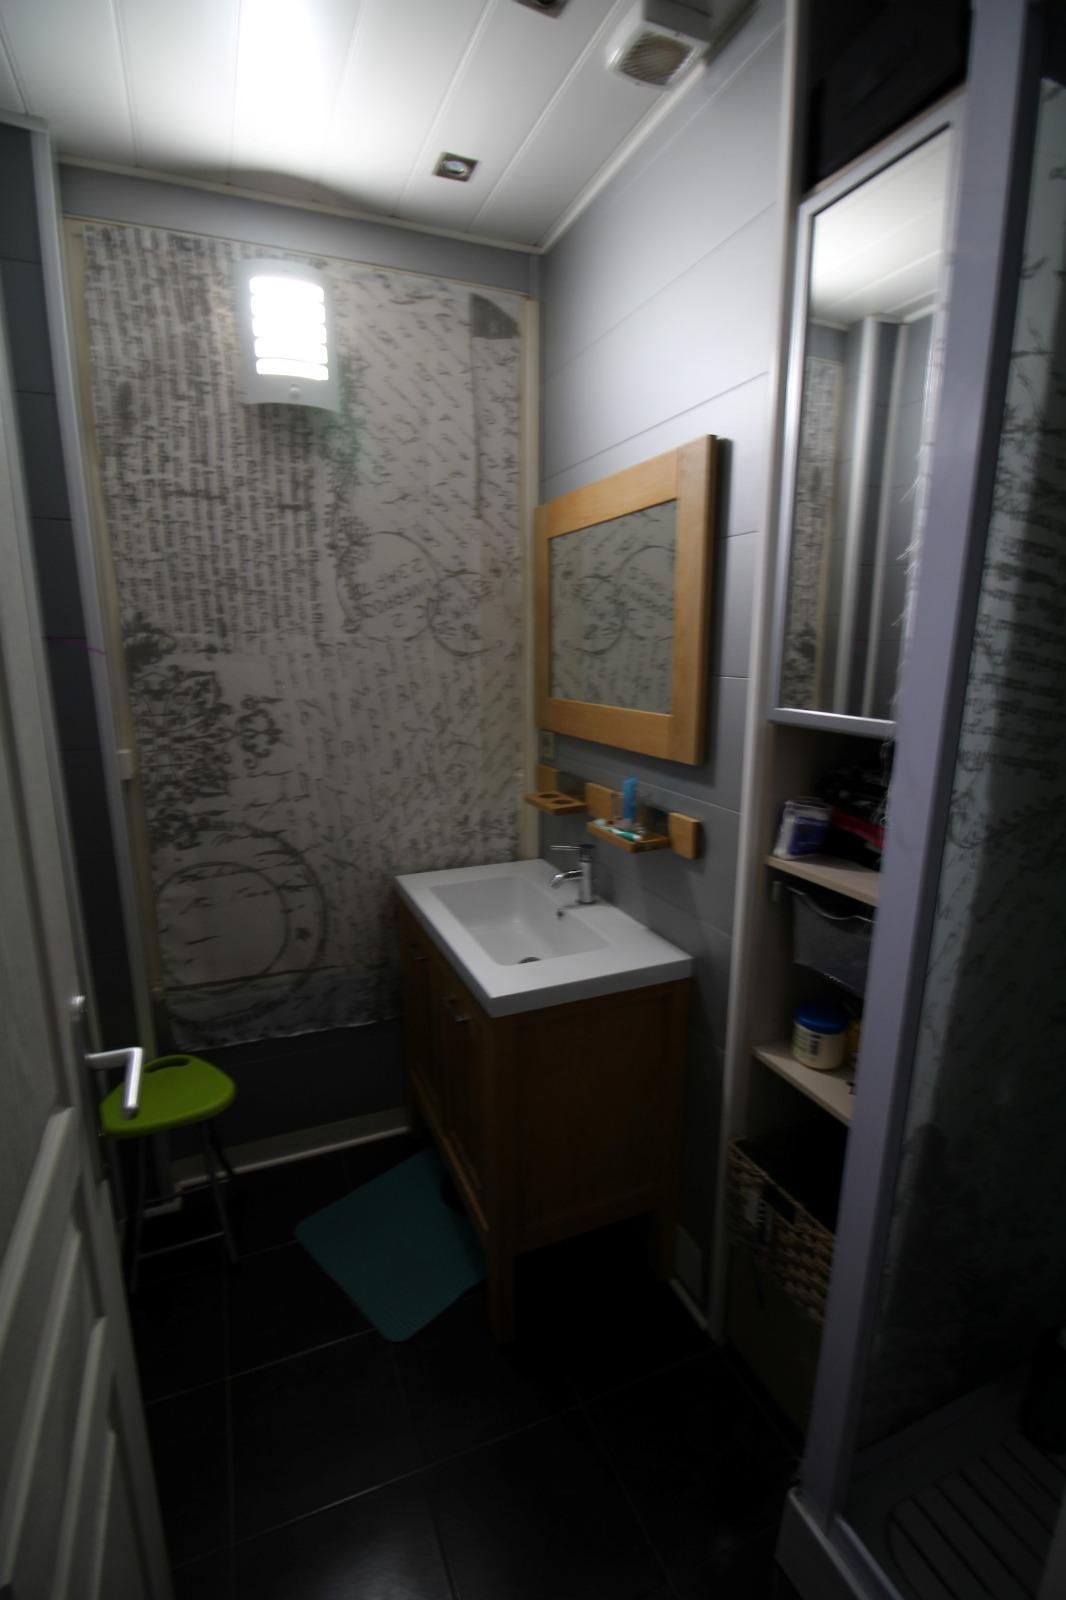 vente bayonne appartement 53 m 3 pi ces immobilier maison en vente ou loc bayonne avec. Black Bedroom Furniture Sets. Home Design Ideas